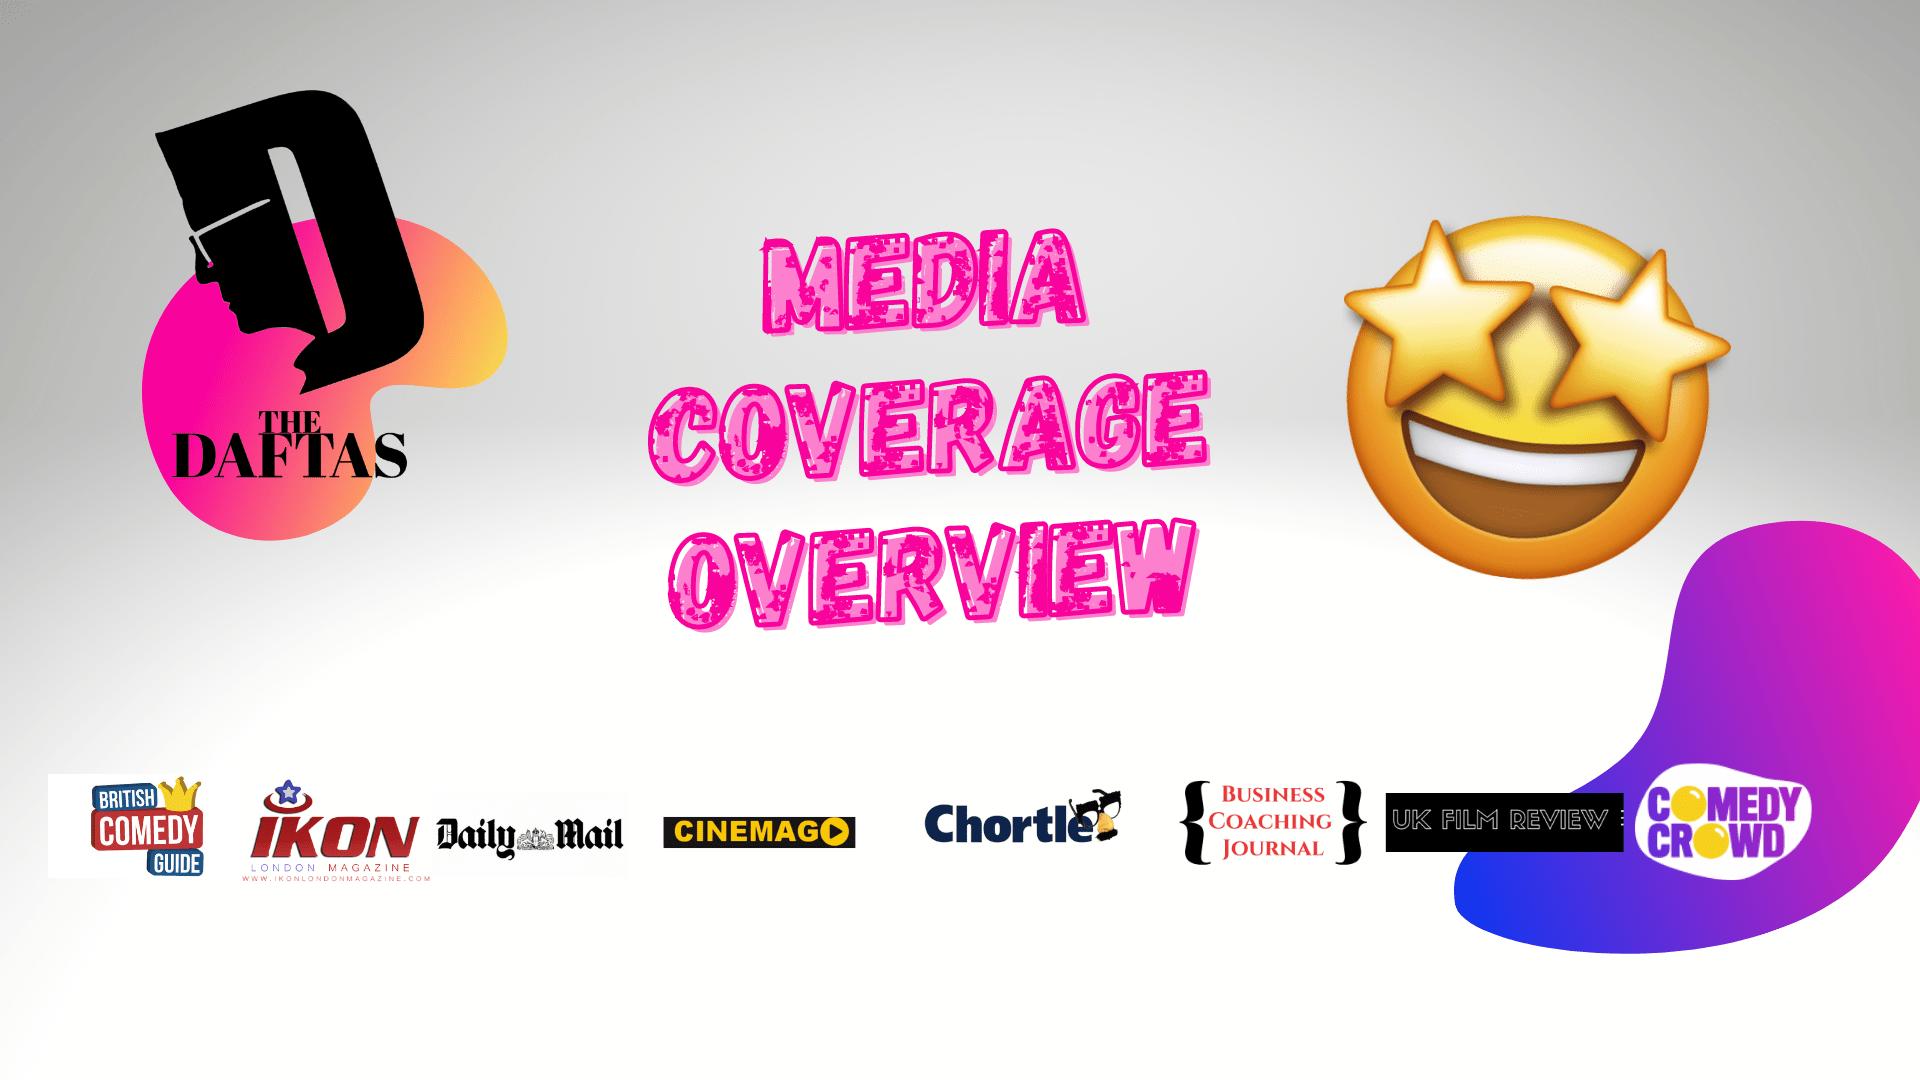 The DAFTAS Comedy Media coverage